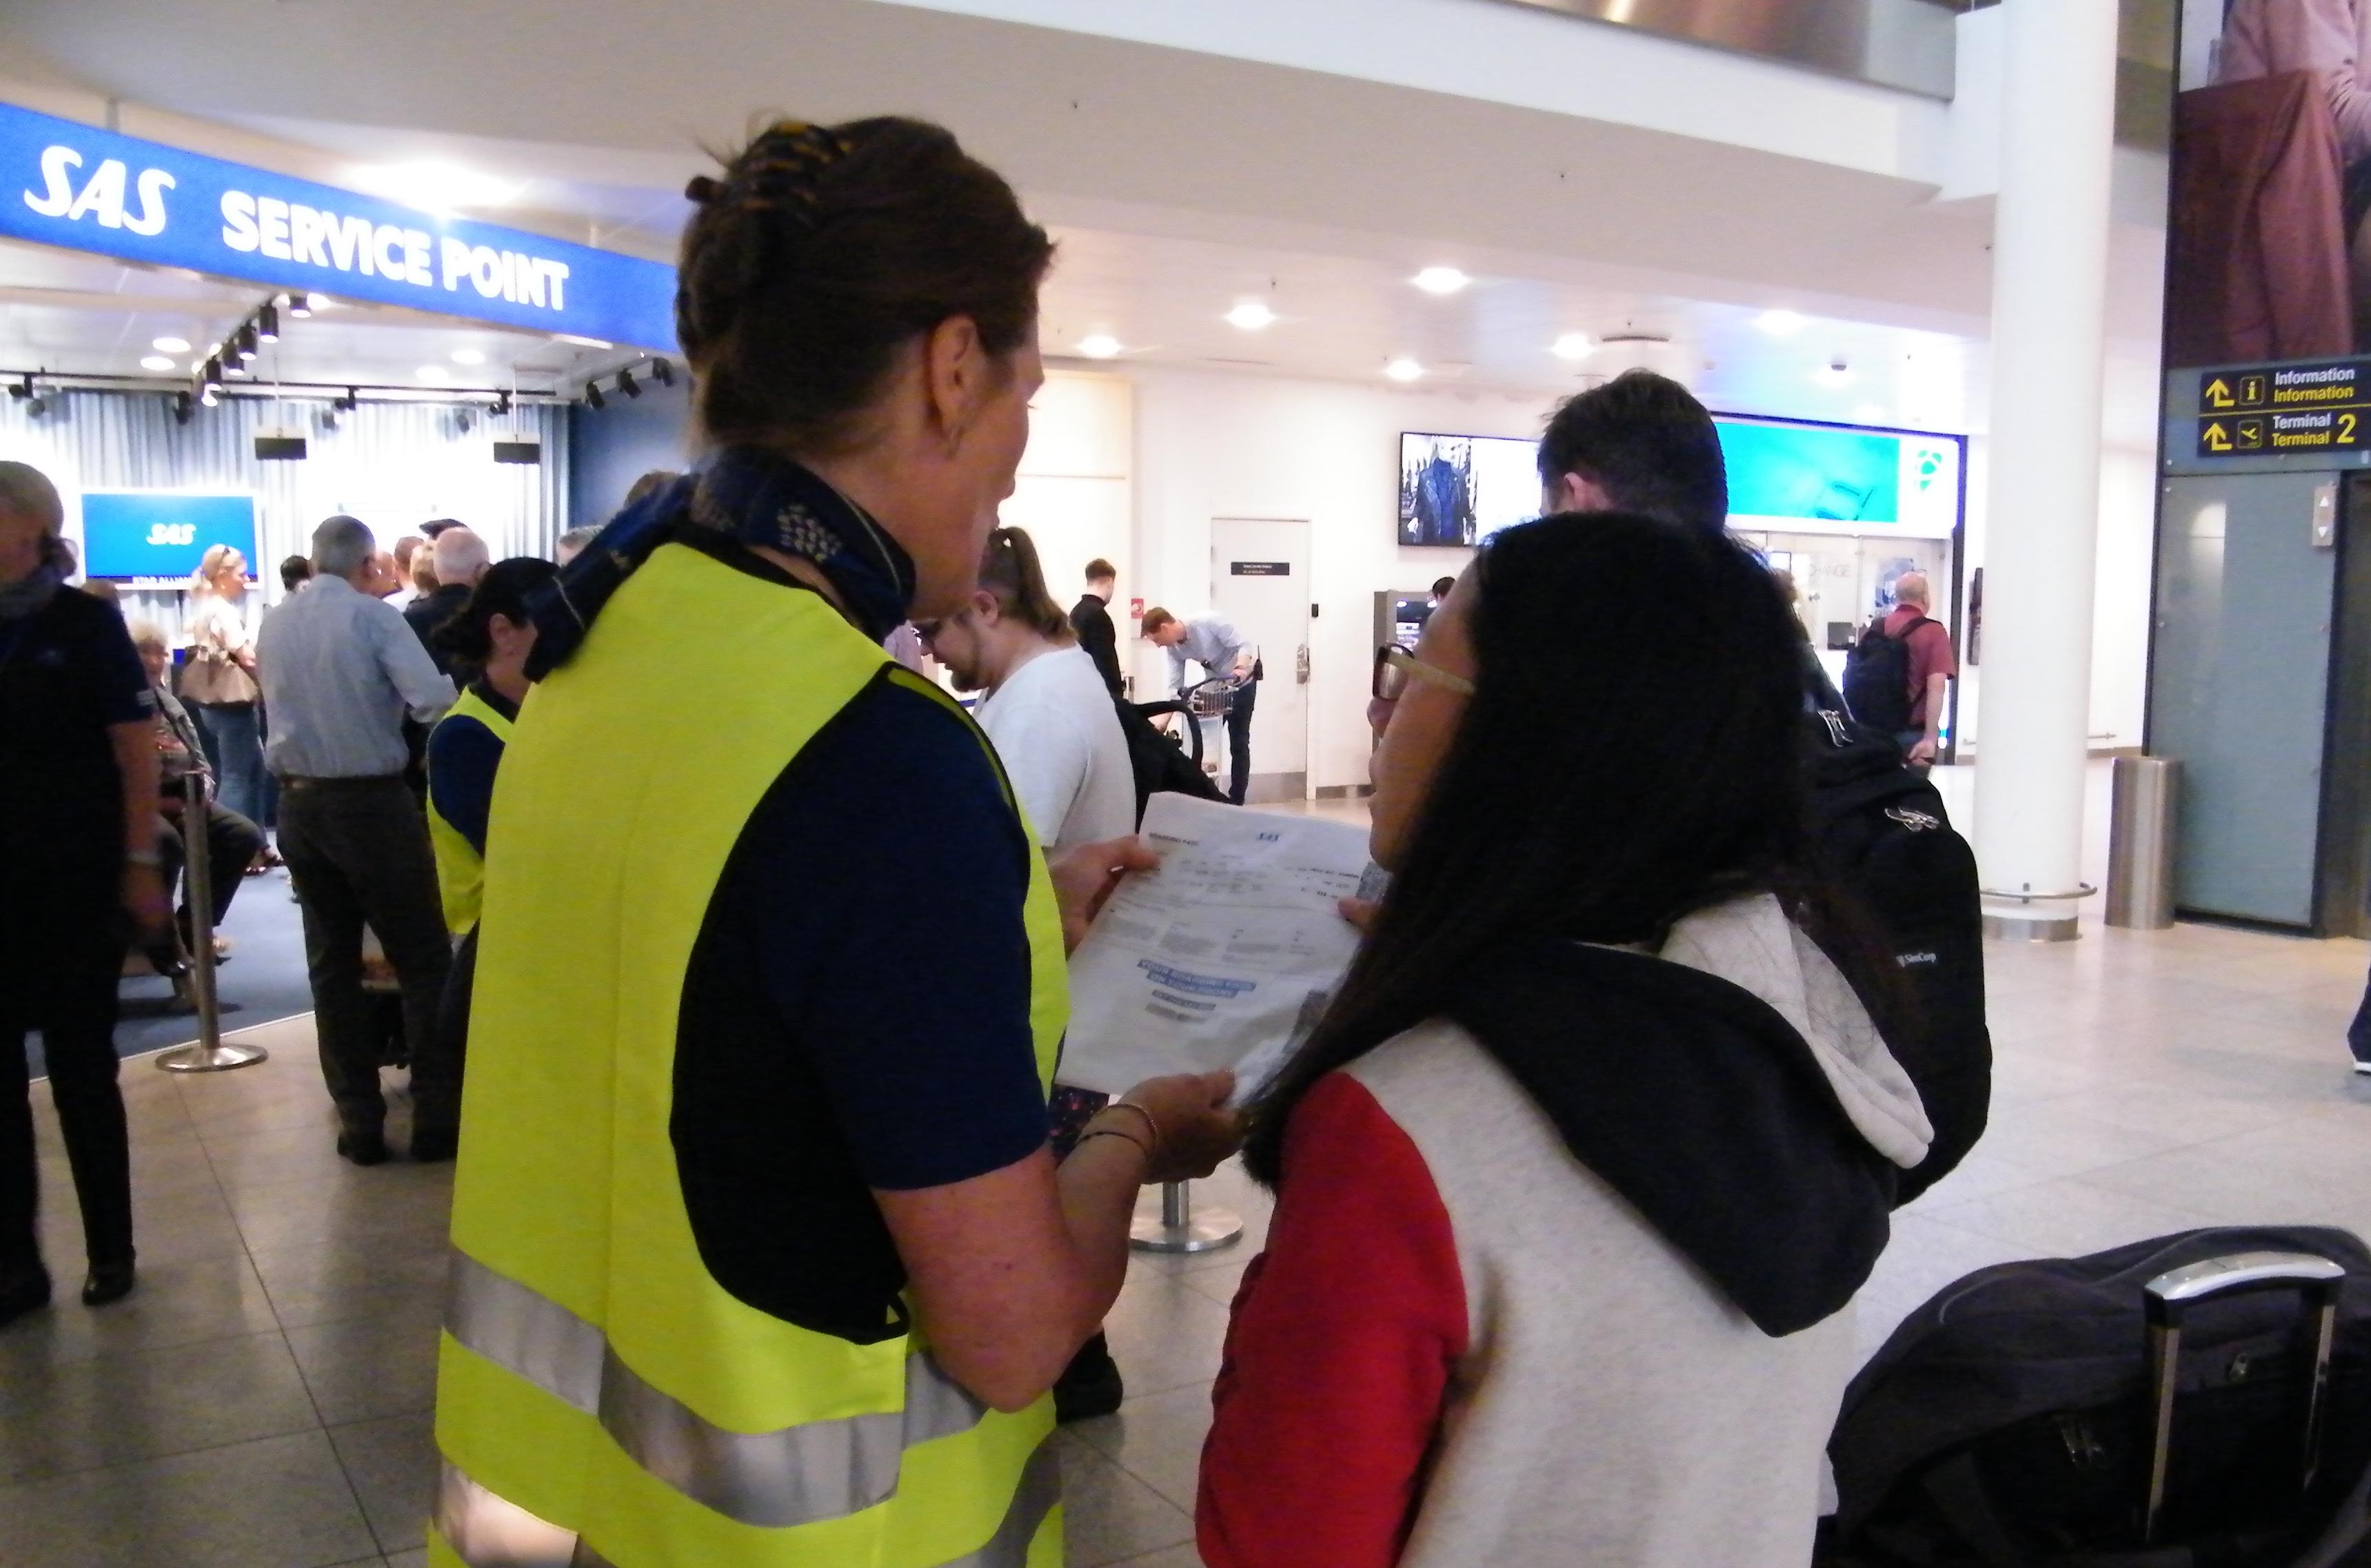 SAS havde fredag travlt i Københavns Lufthavn med at hjælpe strandede passagerer – mens de ventede i køen blev de blandt andet tilbudt mad og drikke. Foto: Henrik Baumgarten.